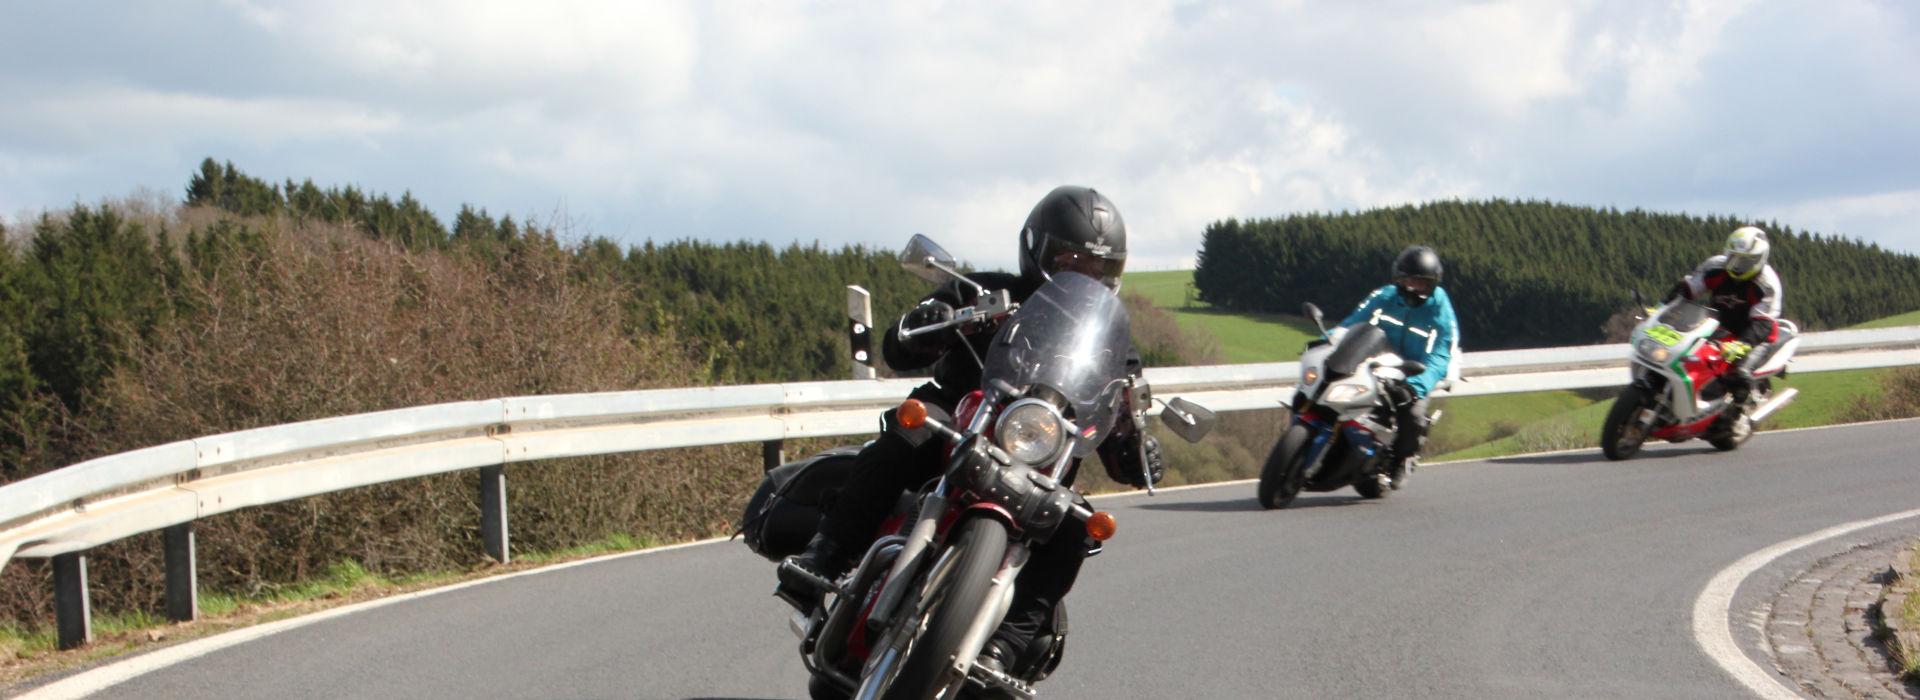 Motorrijbewijspoint Schin op Geul snel motorrijbewijs halen